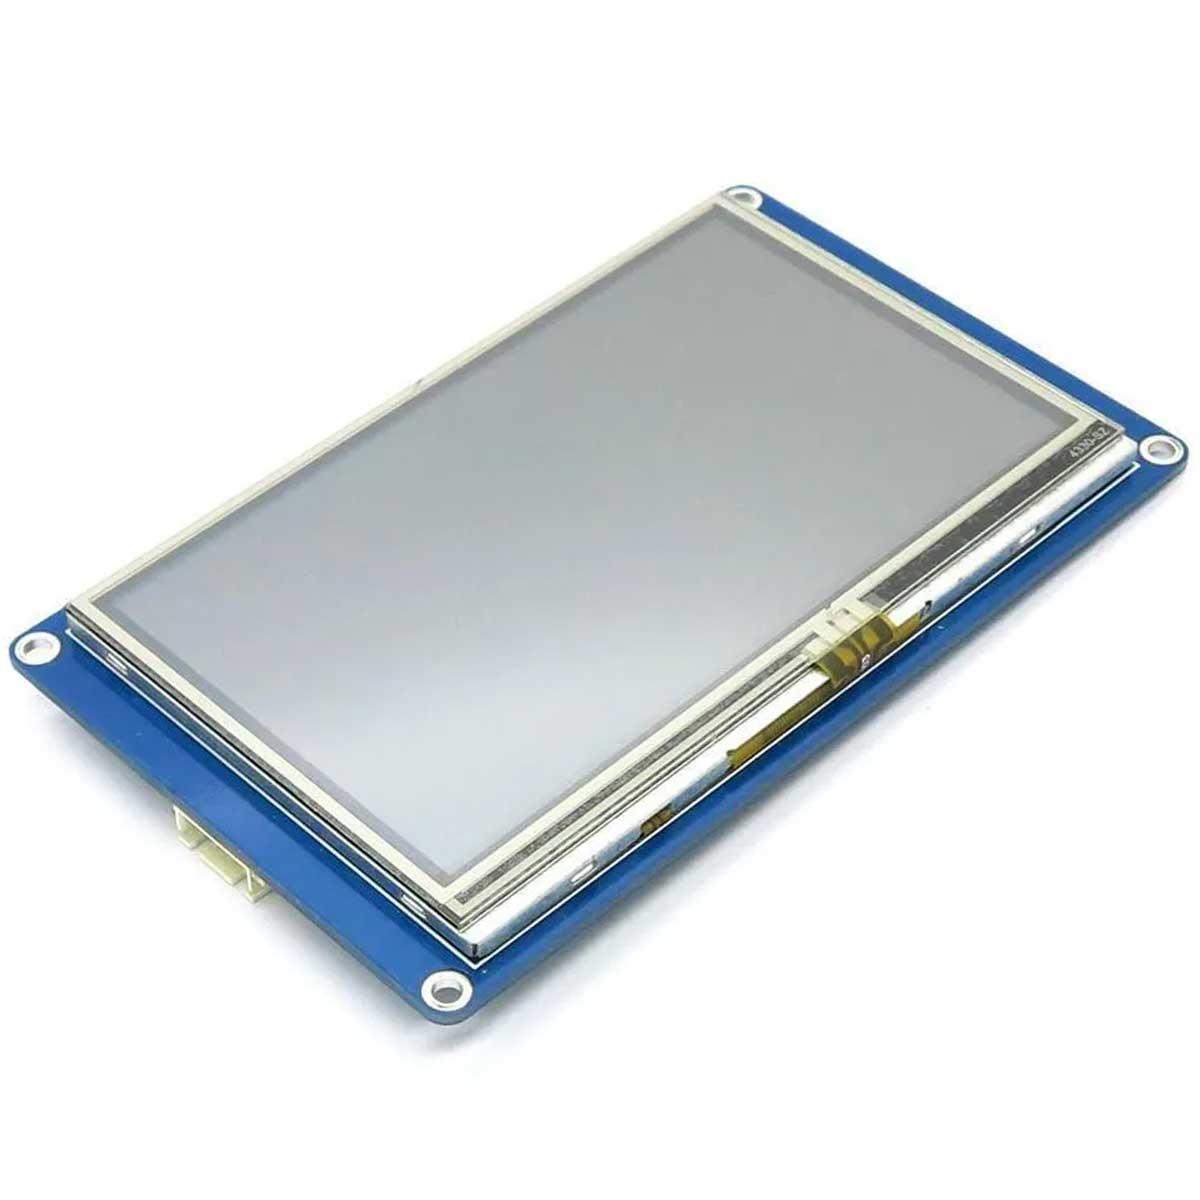 Tela LCD Nextion 4.3 TFT 480x272 Touch Screen Compatível com Arduino, Raspberry, Esp